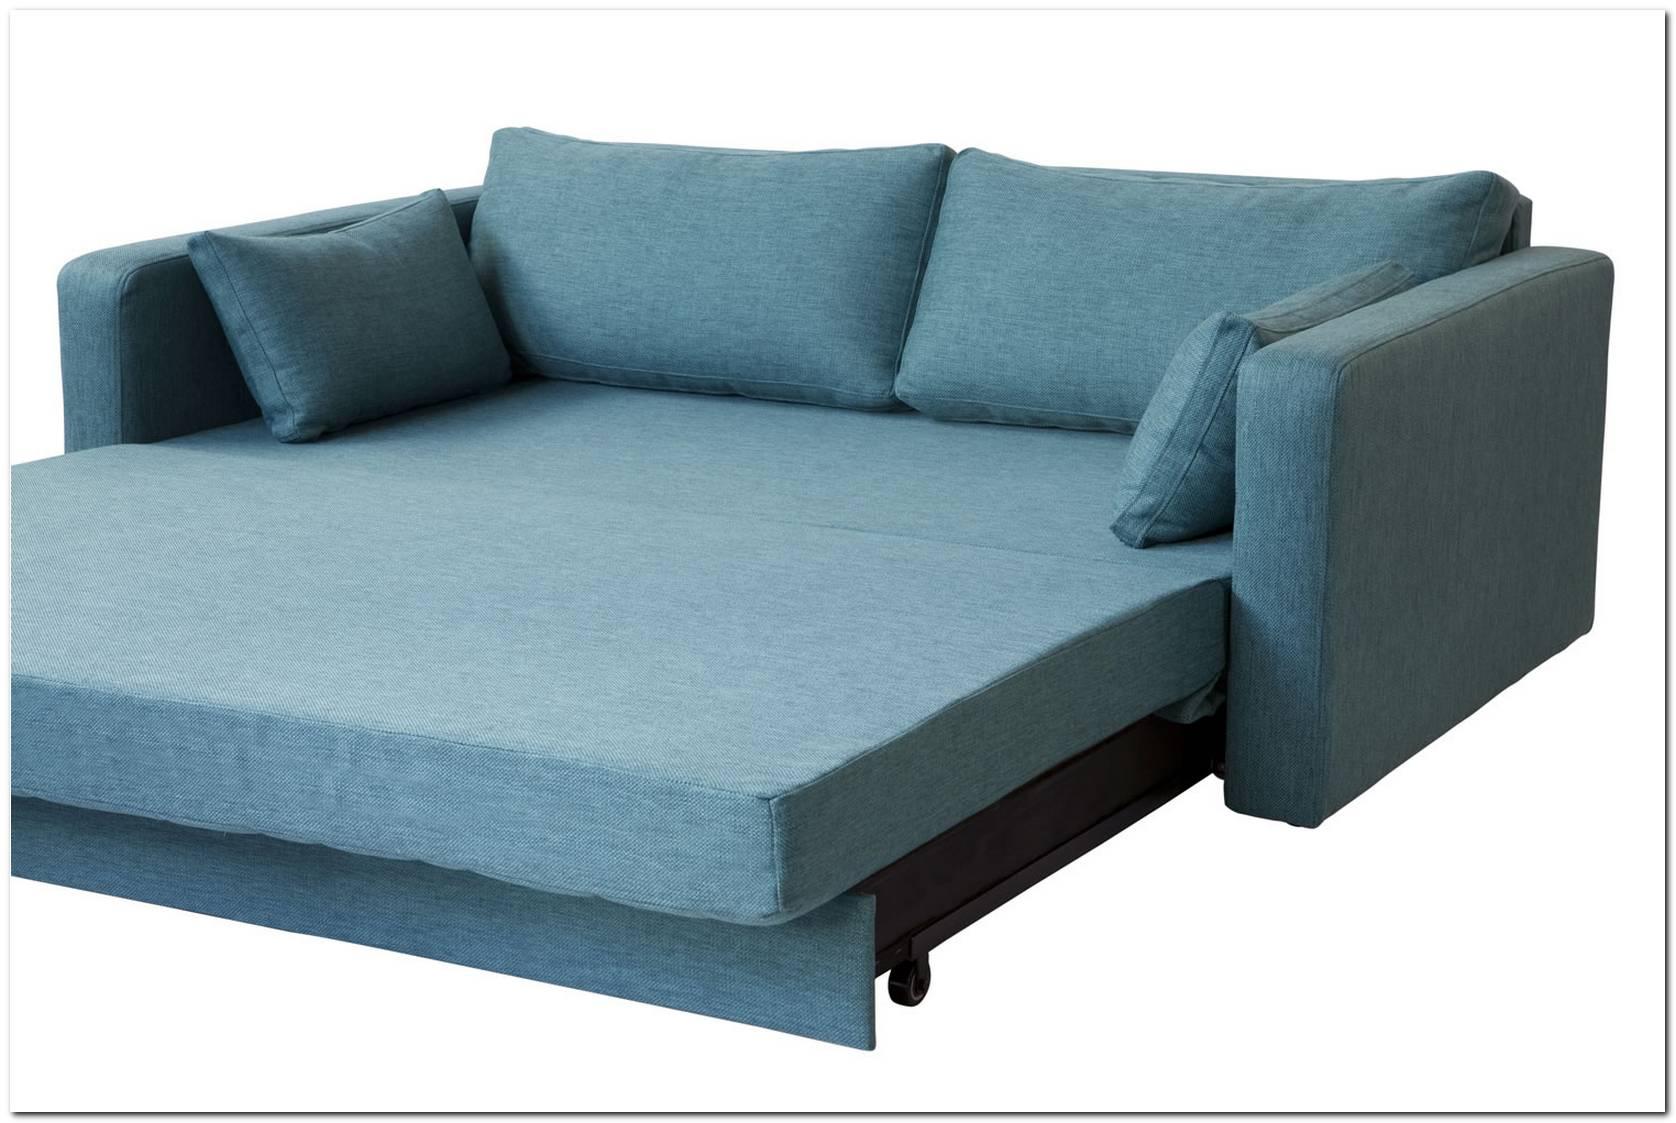 Sofa E Cama